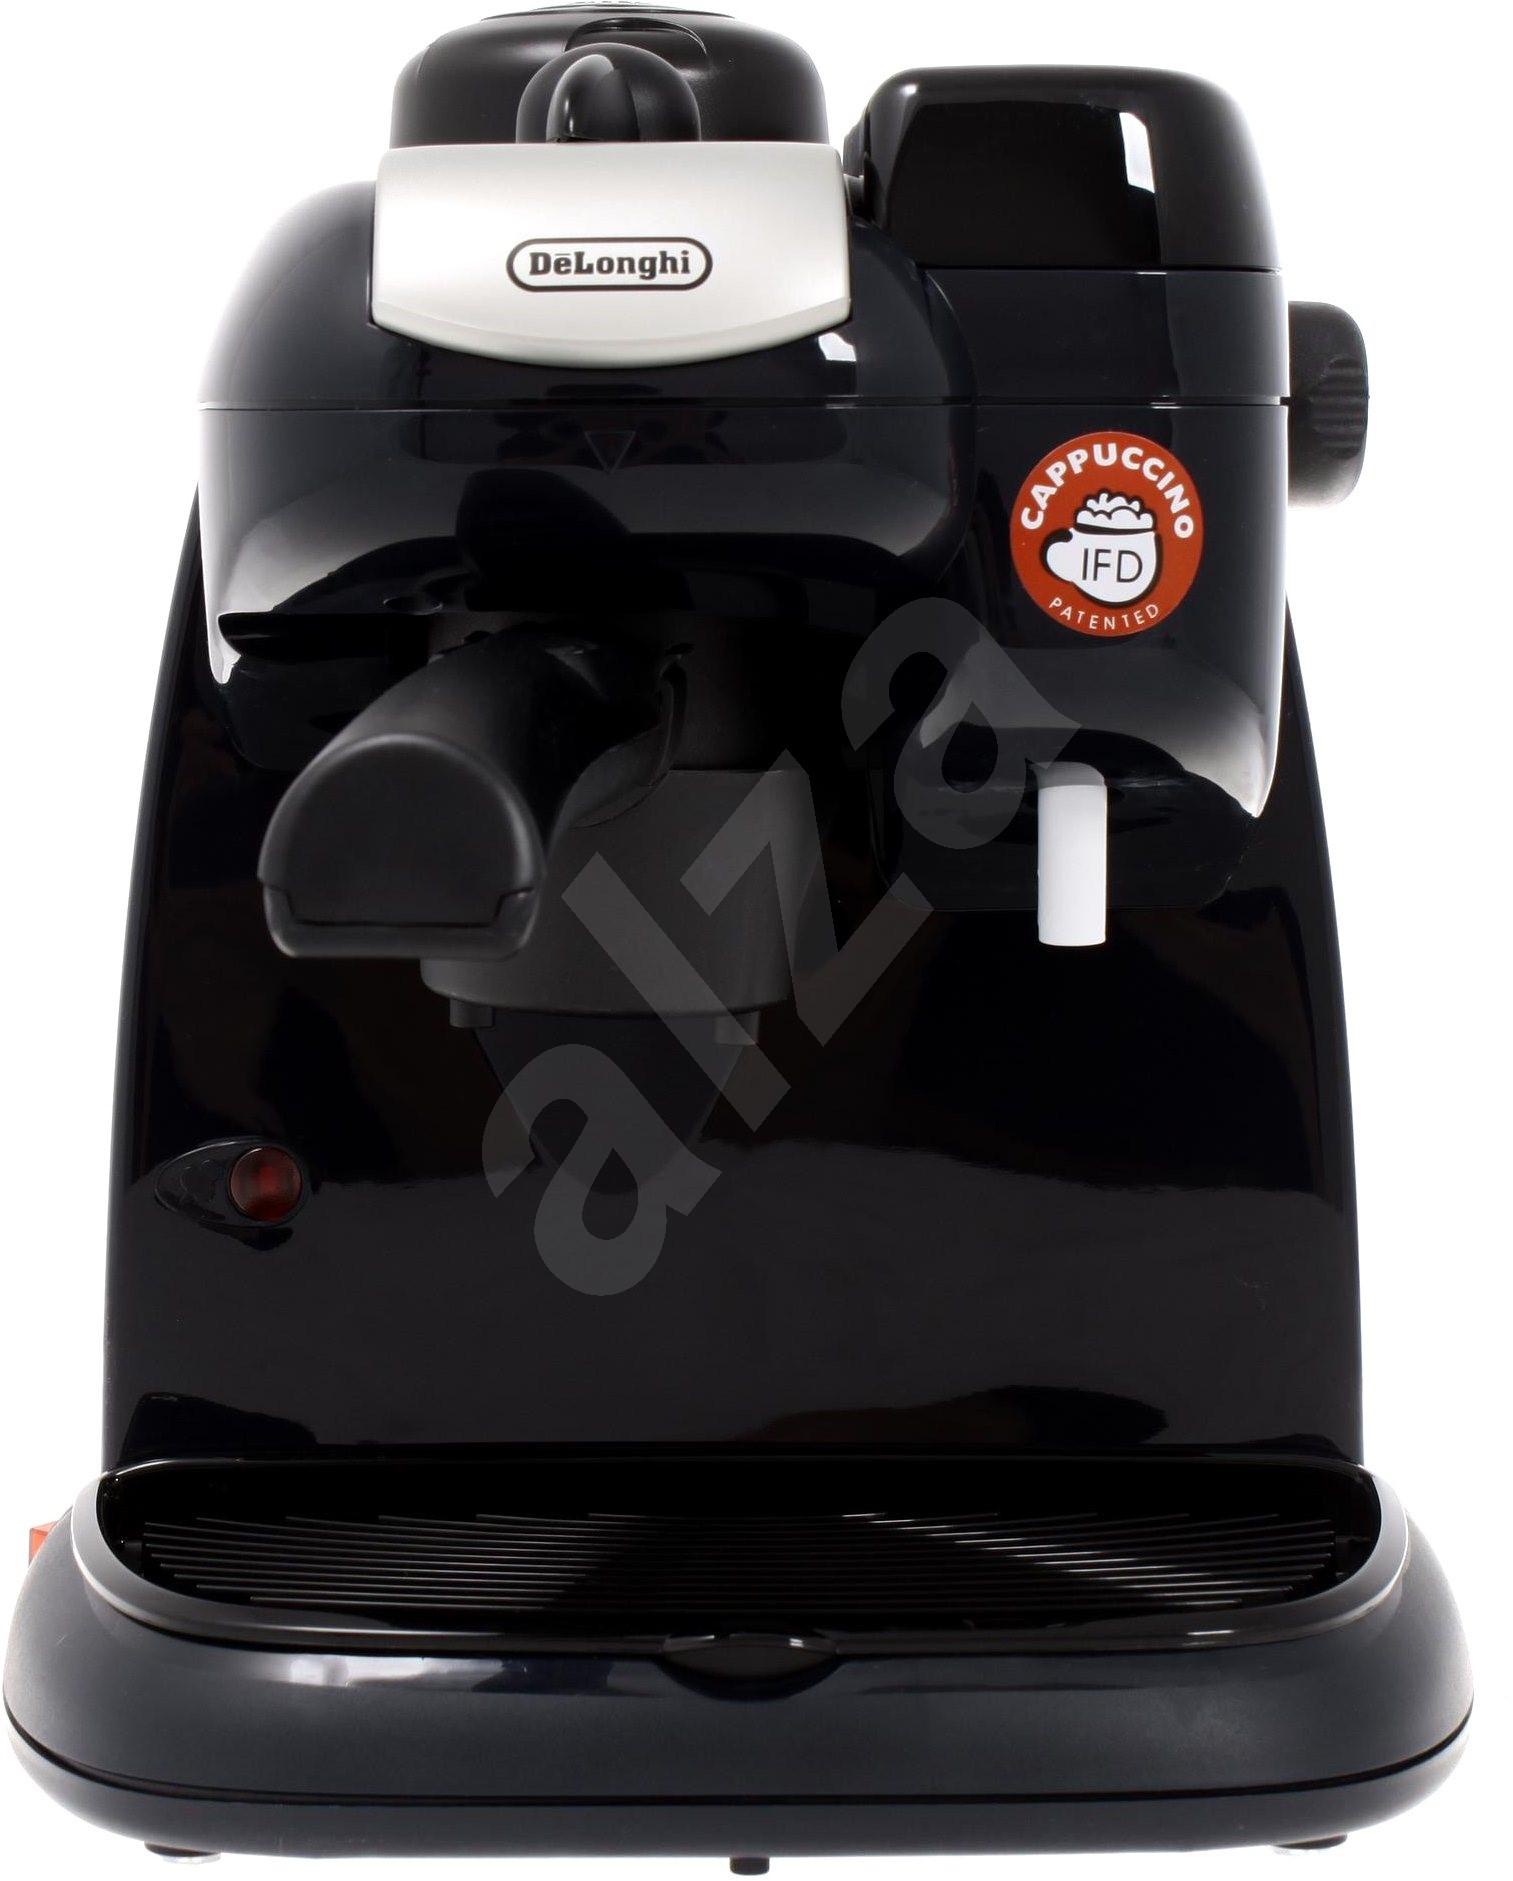 Delonghi Coffee Maker Ec9 Manual : DeLonghi EC9 - Espresso Alza.cz